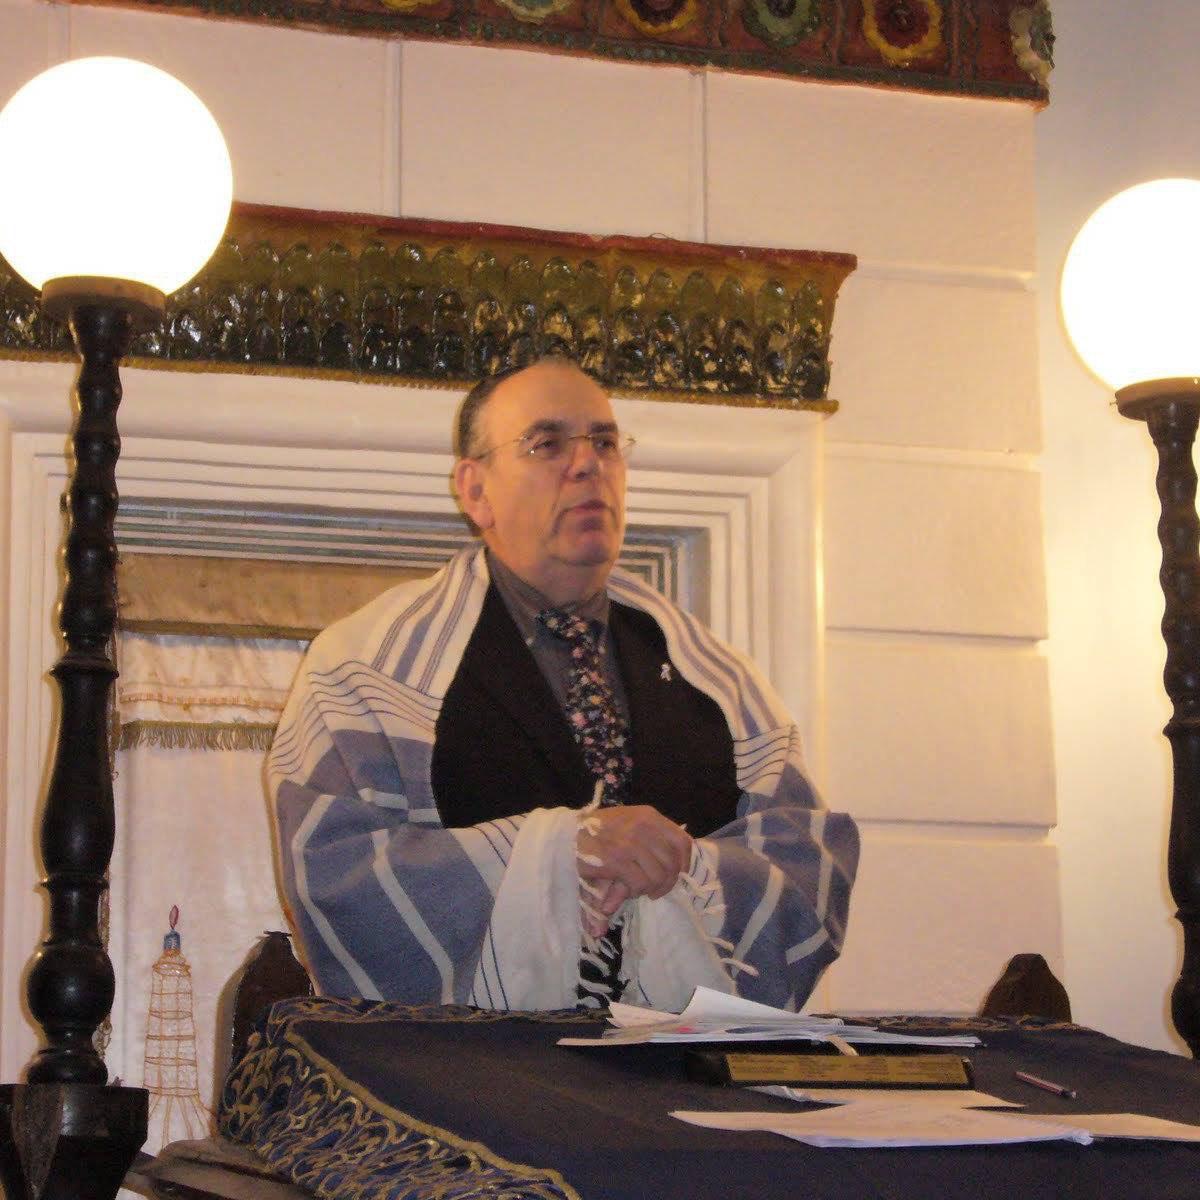 rabbi raj speaking at a podium